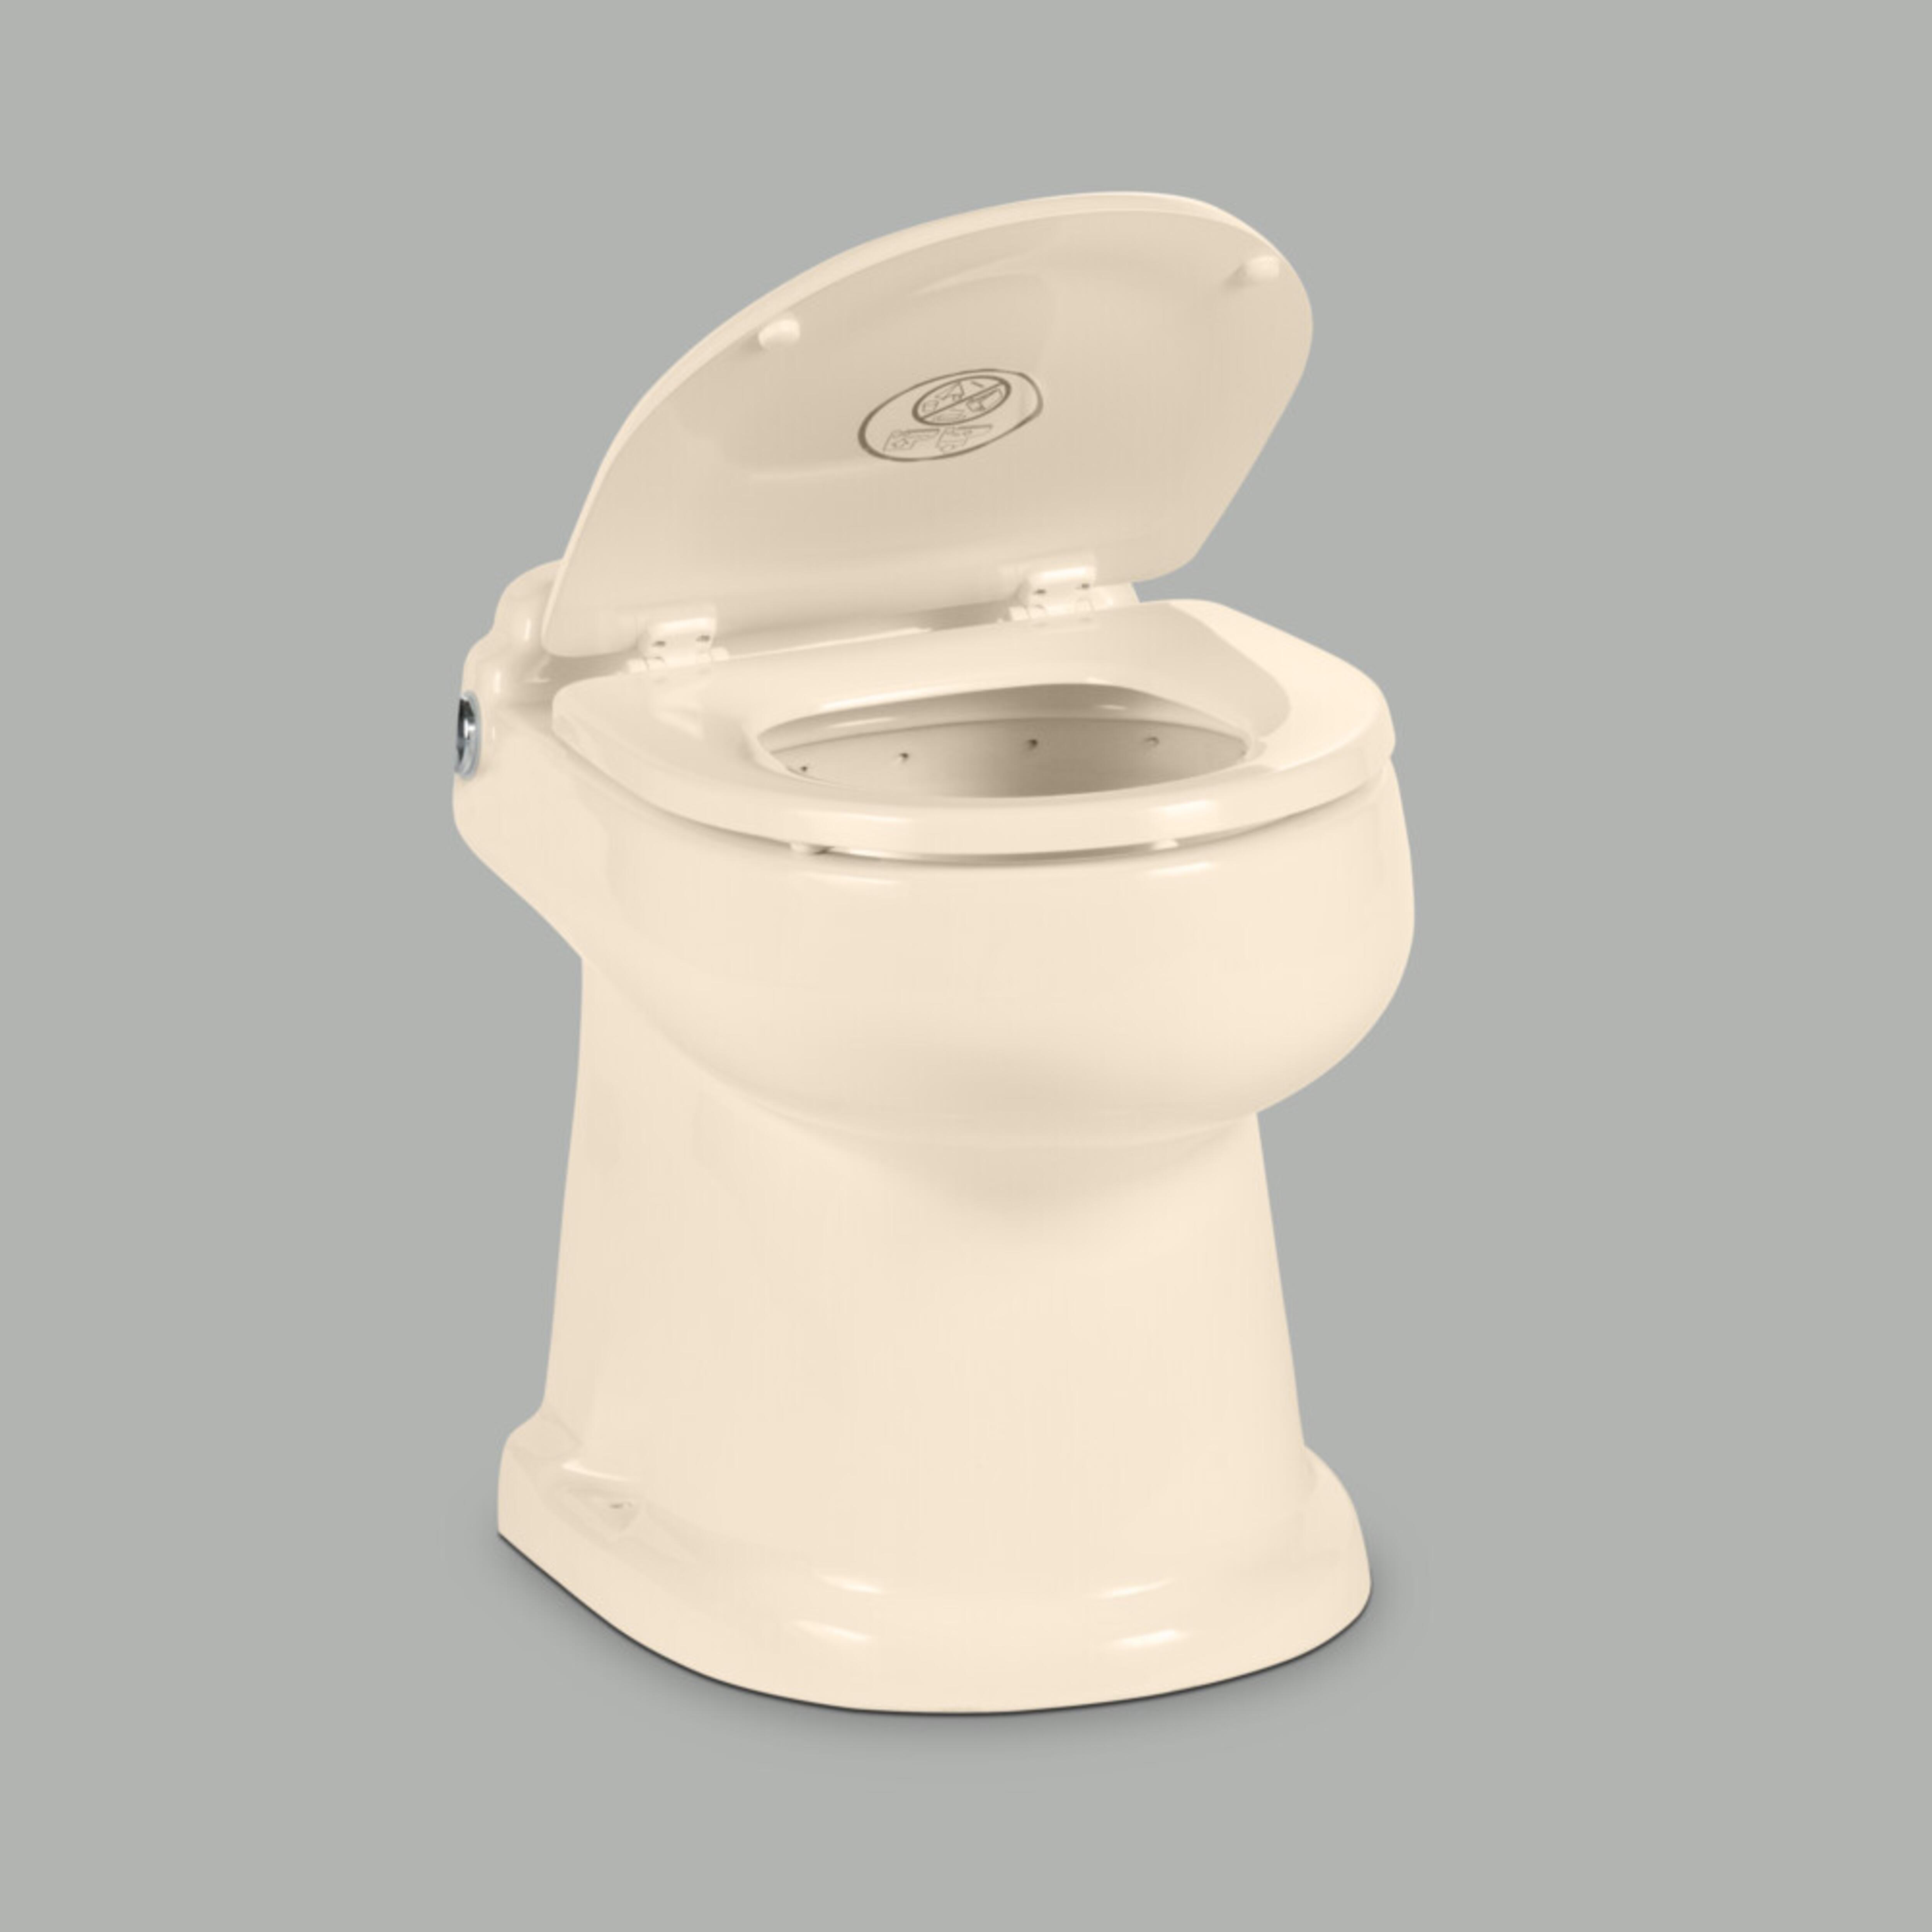 Dometic 4410 Toilet